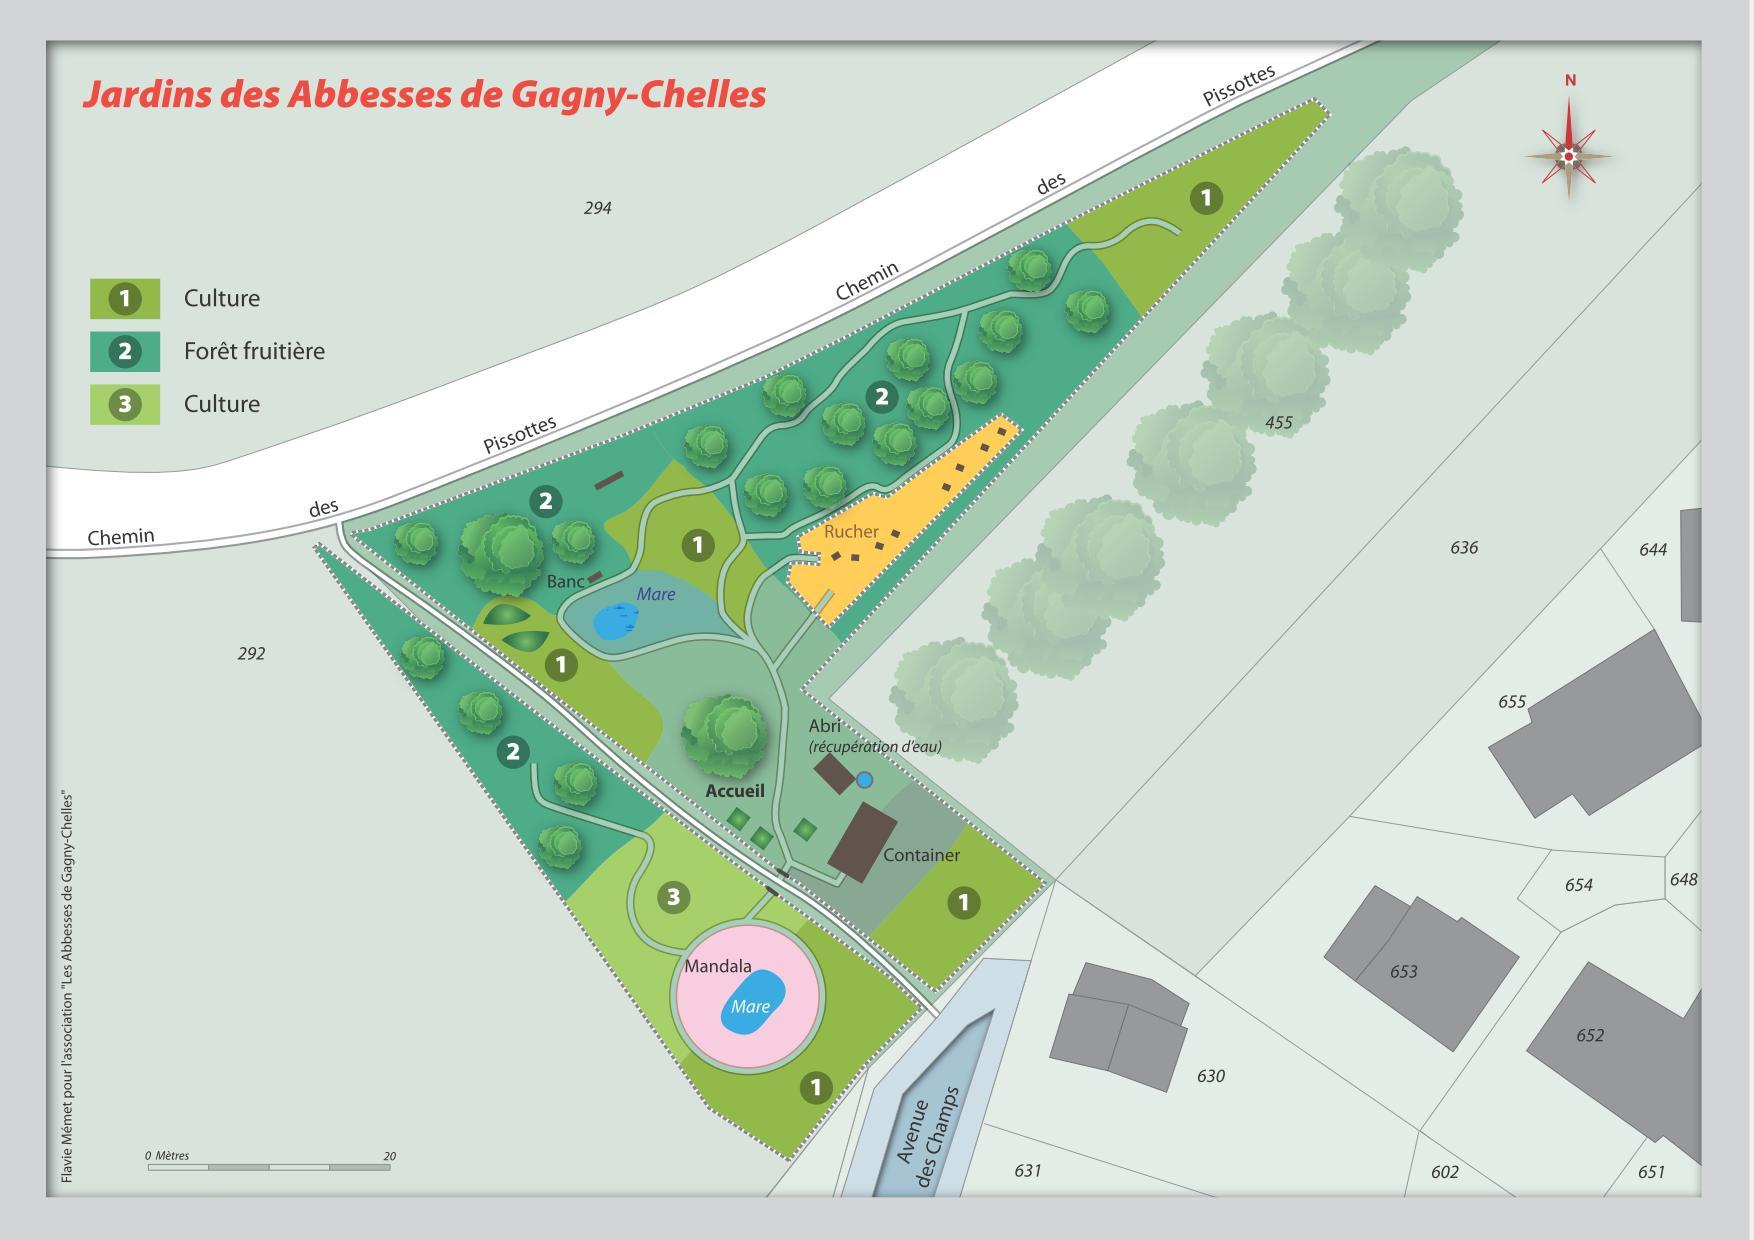 Jardin des abbesses dimanche 30 mars journ e d for Plan jardin